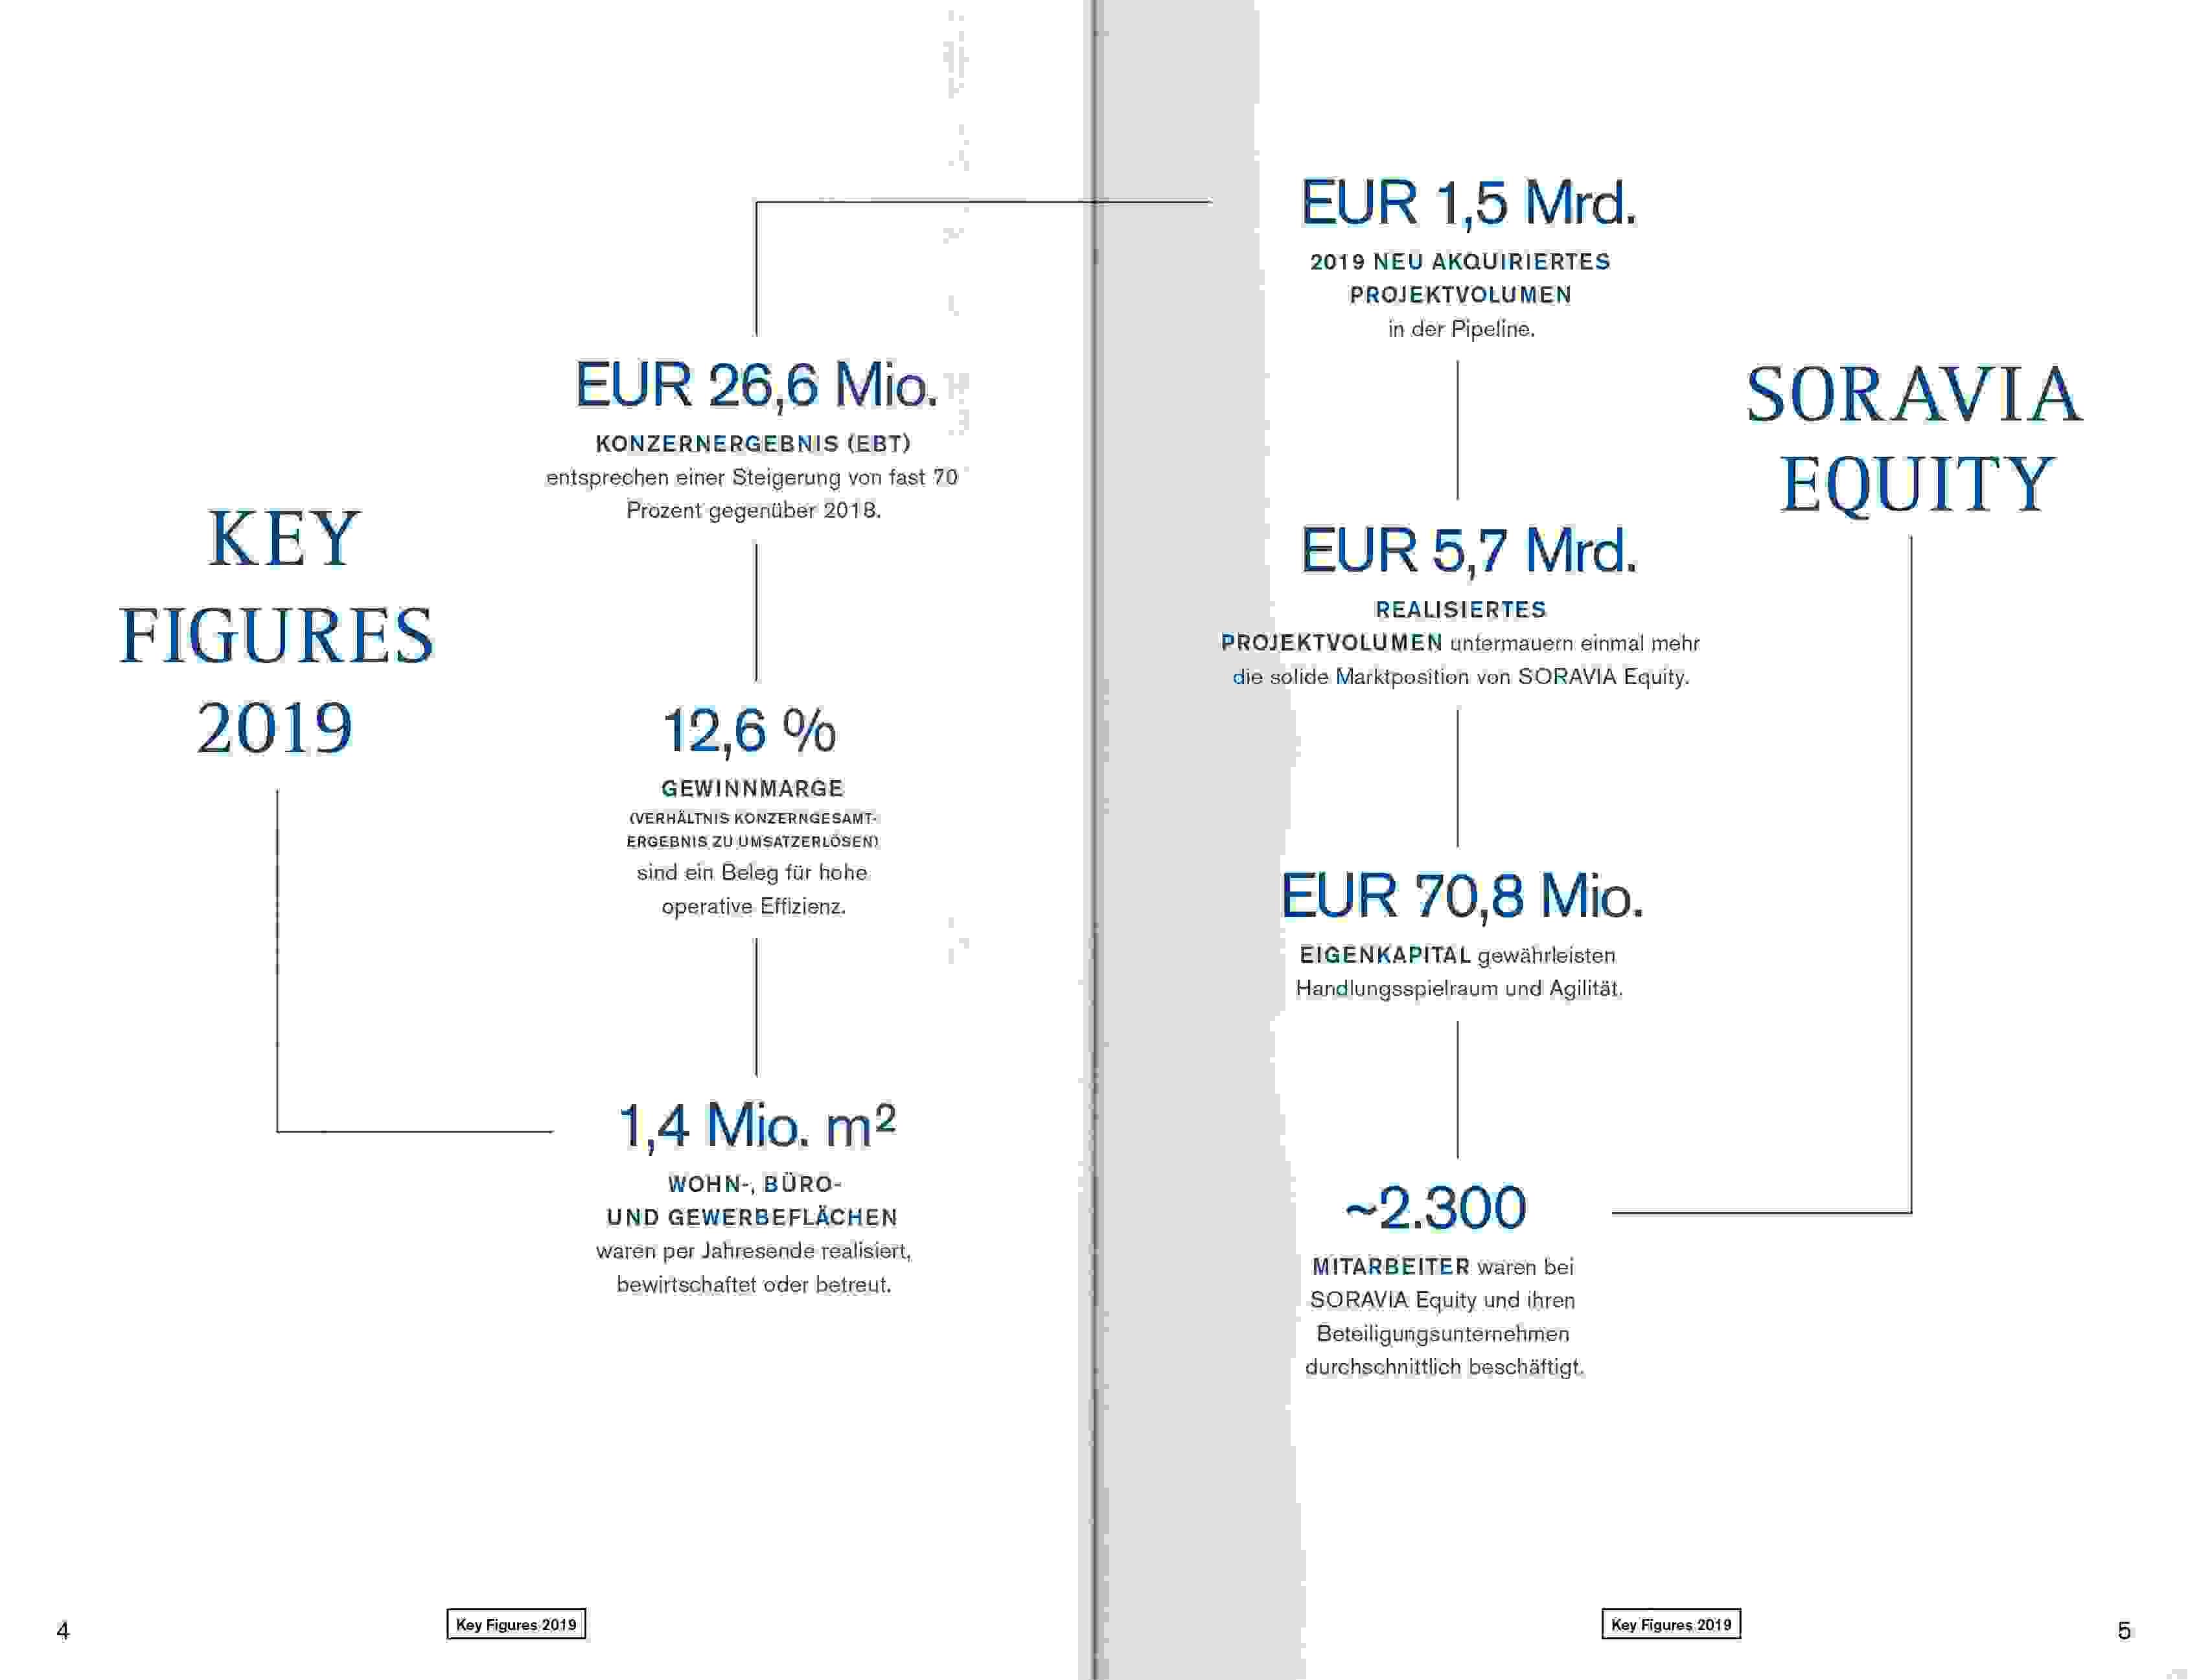 RB SOR Equity GB 2019 Slider 3